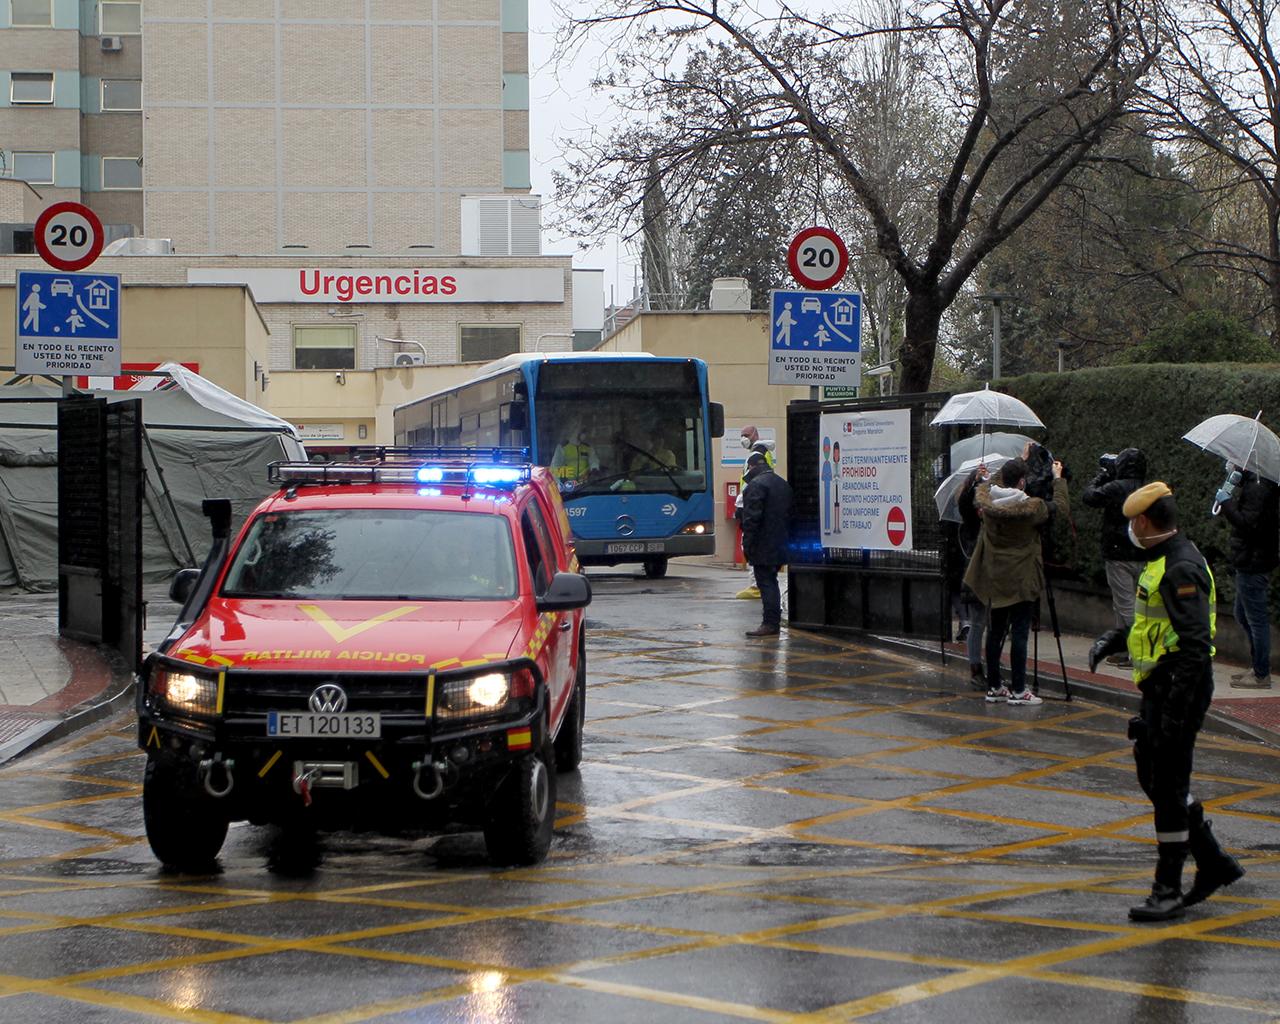 Traslado de pacientes del hospital Gregorio Marañón hacia Ifema. Madrid. 31/03/2020.